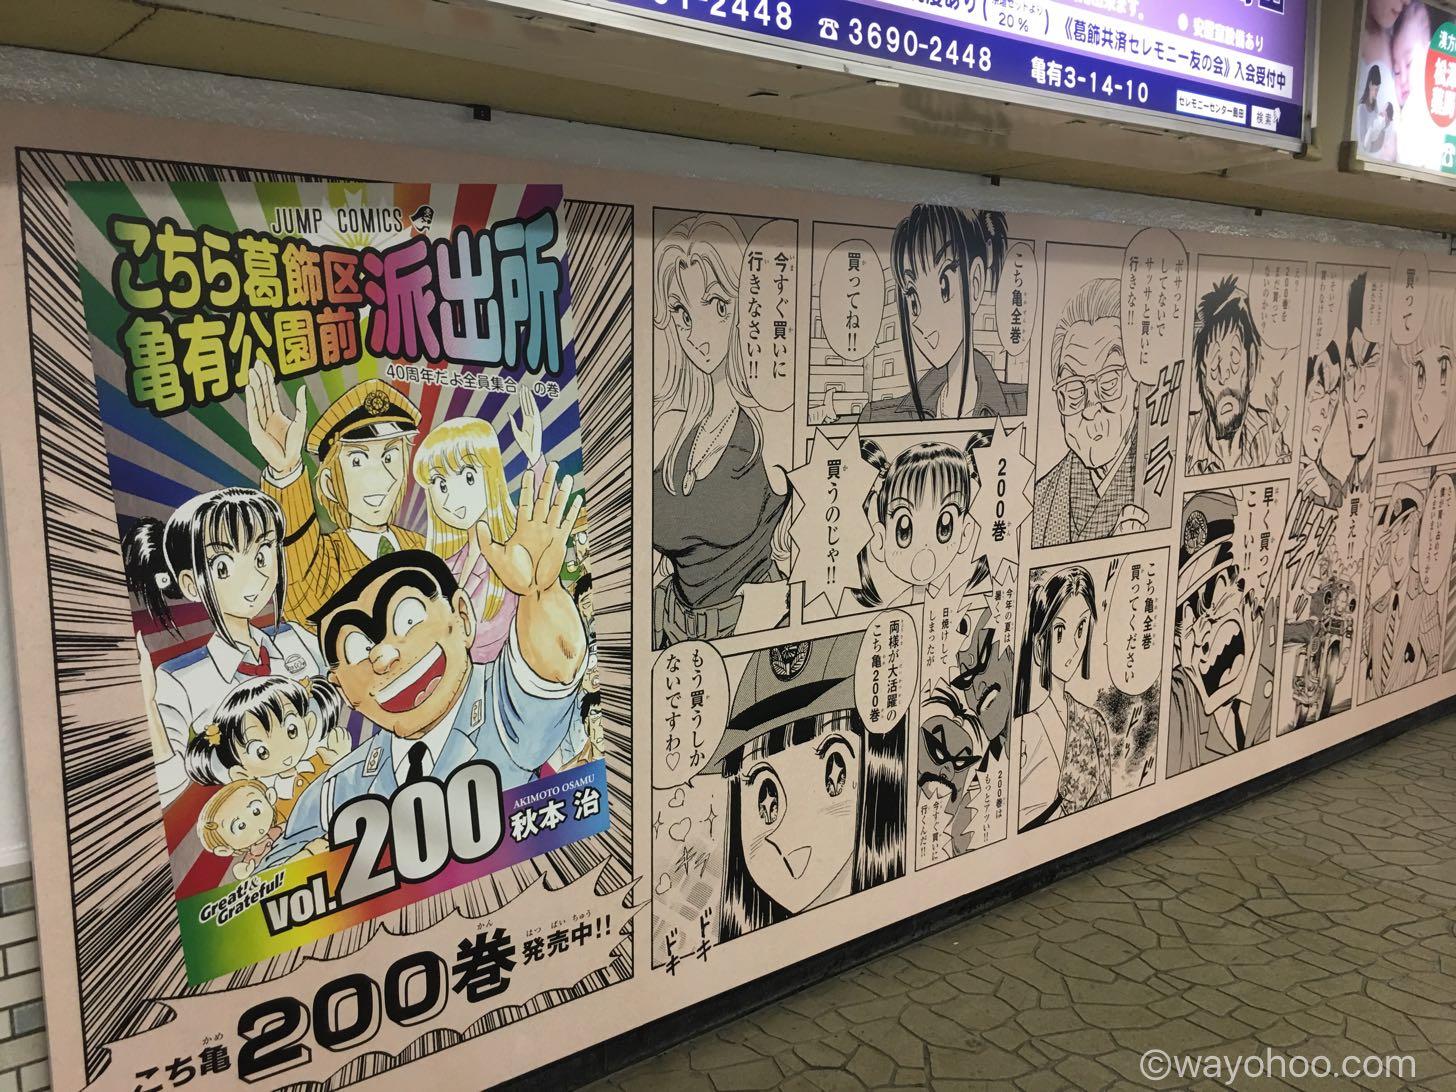 こち亀200巻発売中の漫画